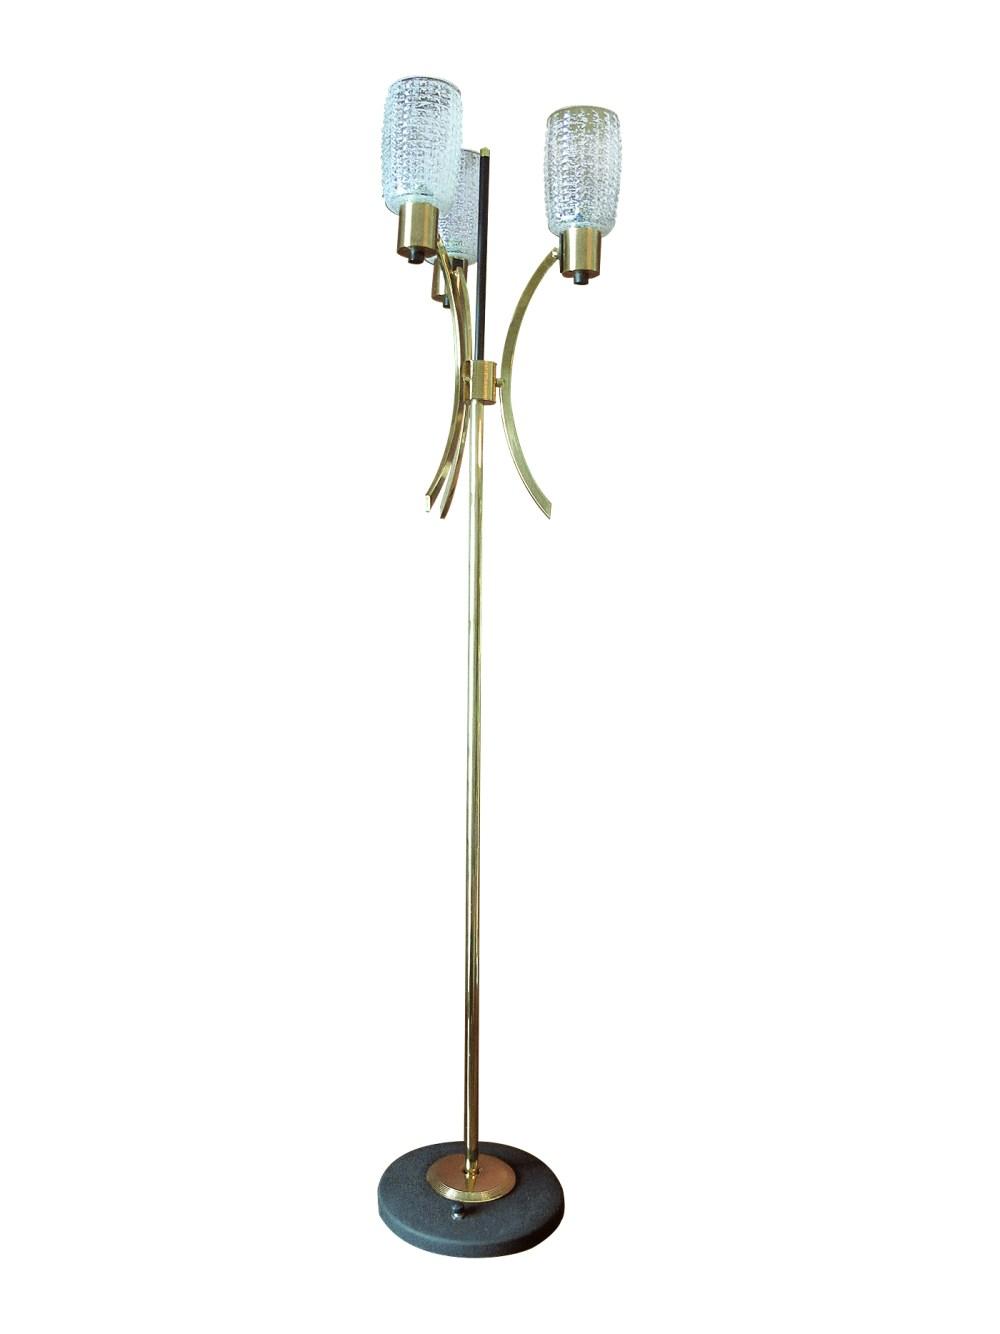 Lampadaire de la maison arlus, laiton et verre 1950 1950 en vente chez ltgmood.com luminaires vintage